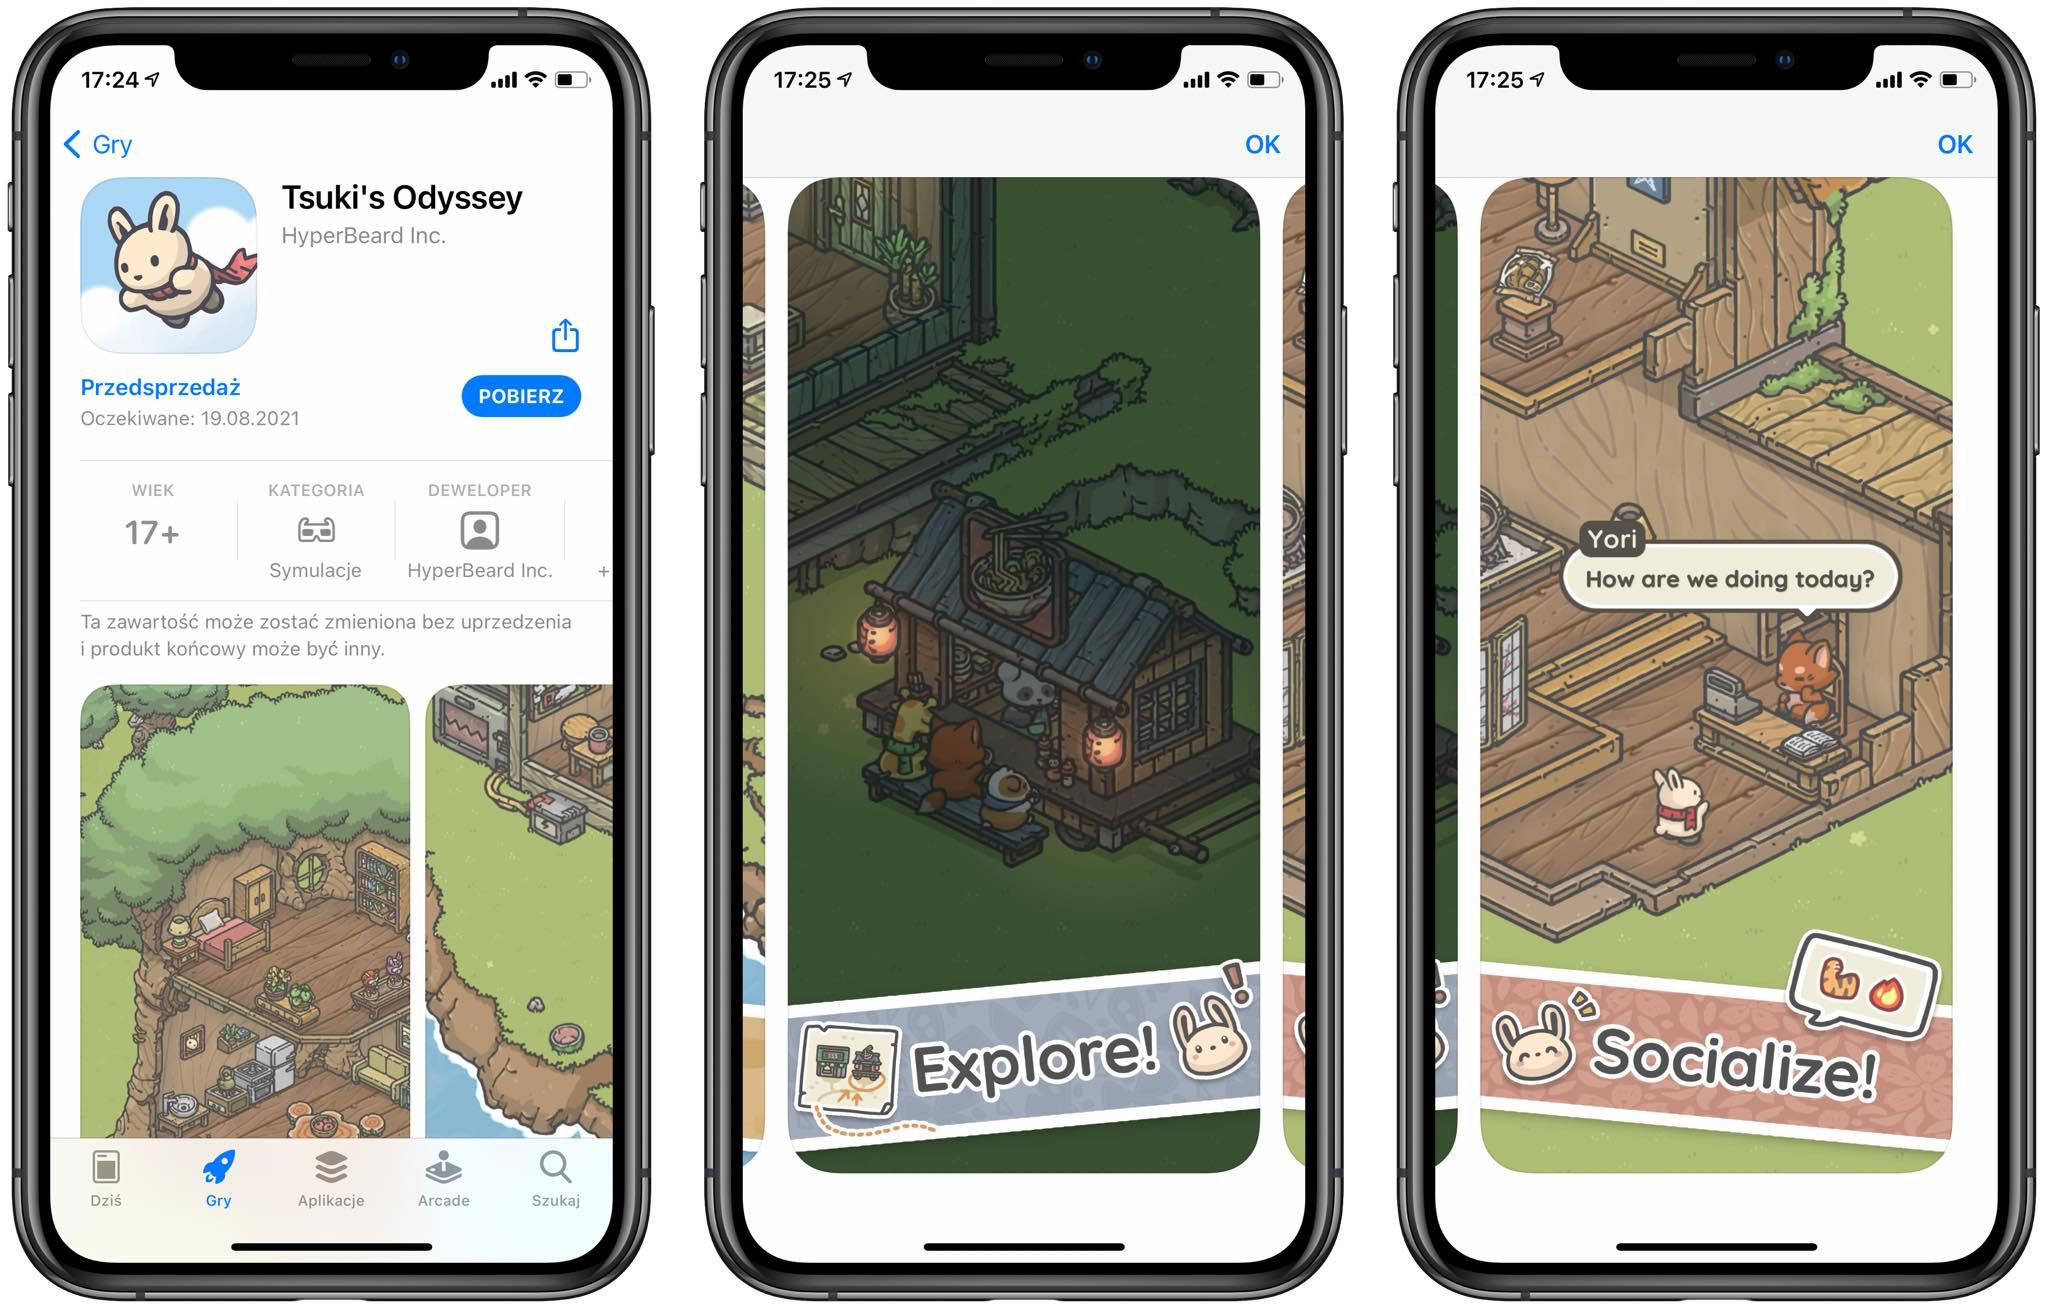 Nadchodzące nowości sklepu App Store. Tsuki's Odyssey i więcej!